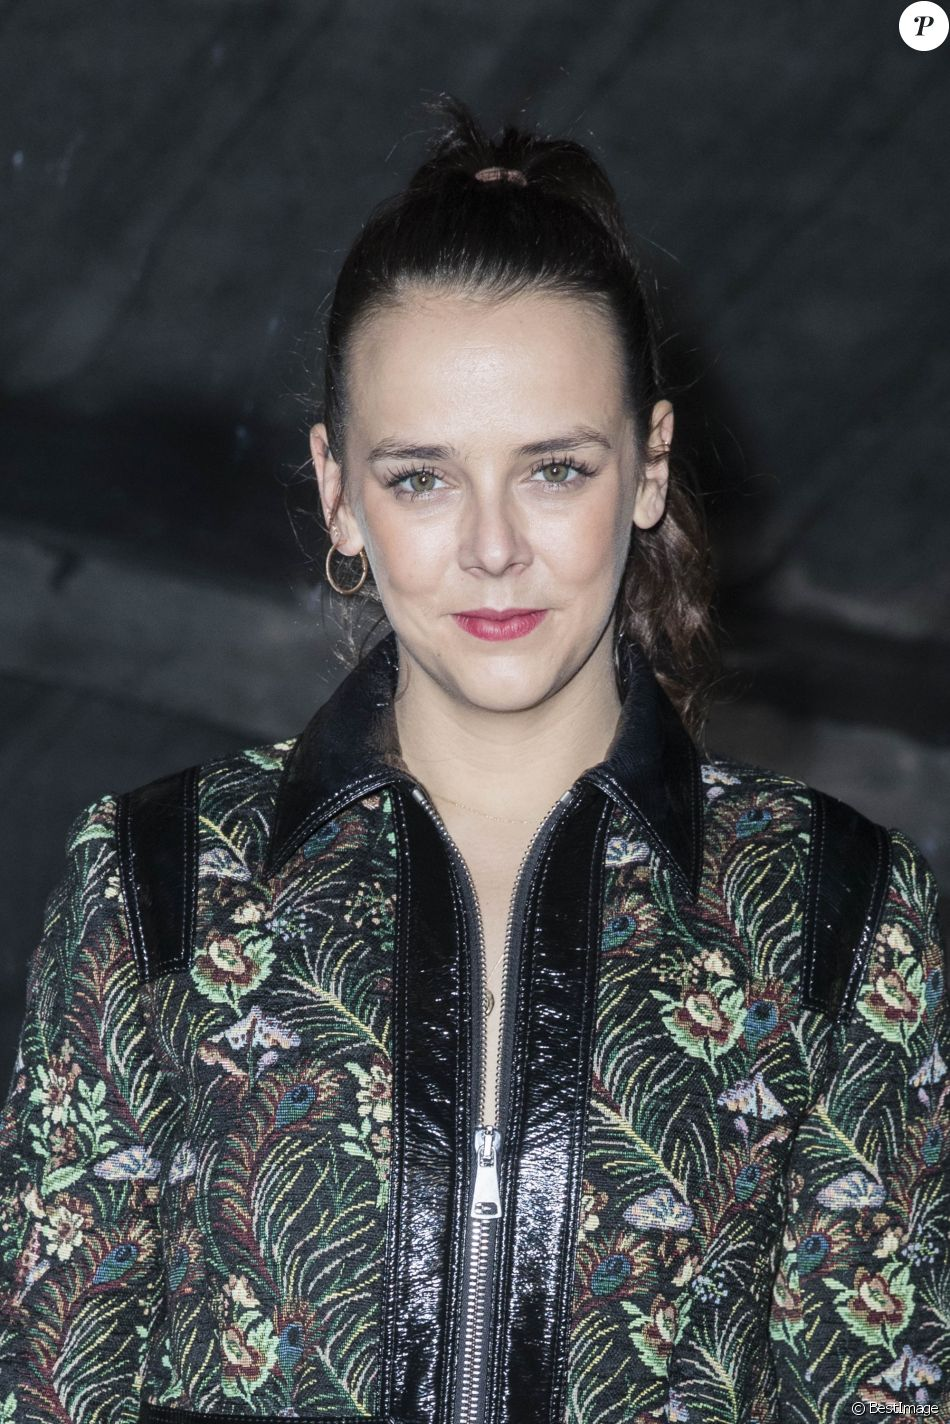 """Pauline Ducruet - Front Row - People au défilé de mode automne-hiver PAP Femme 2018/2019 """"Giambattista Valli"""" à Paris le 5 mars 2018. © Olivier Borde / Bestimage"""